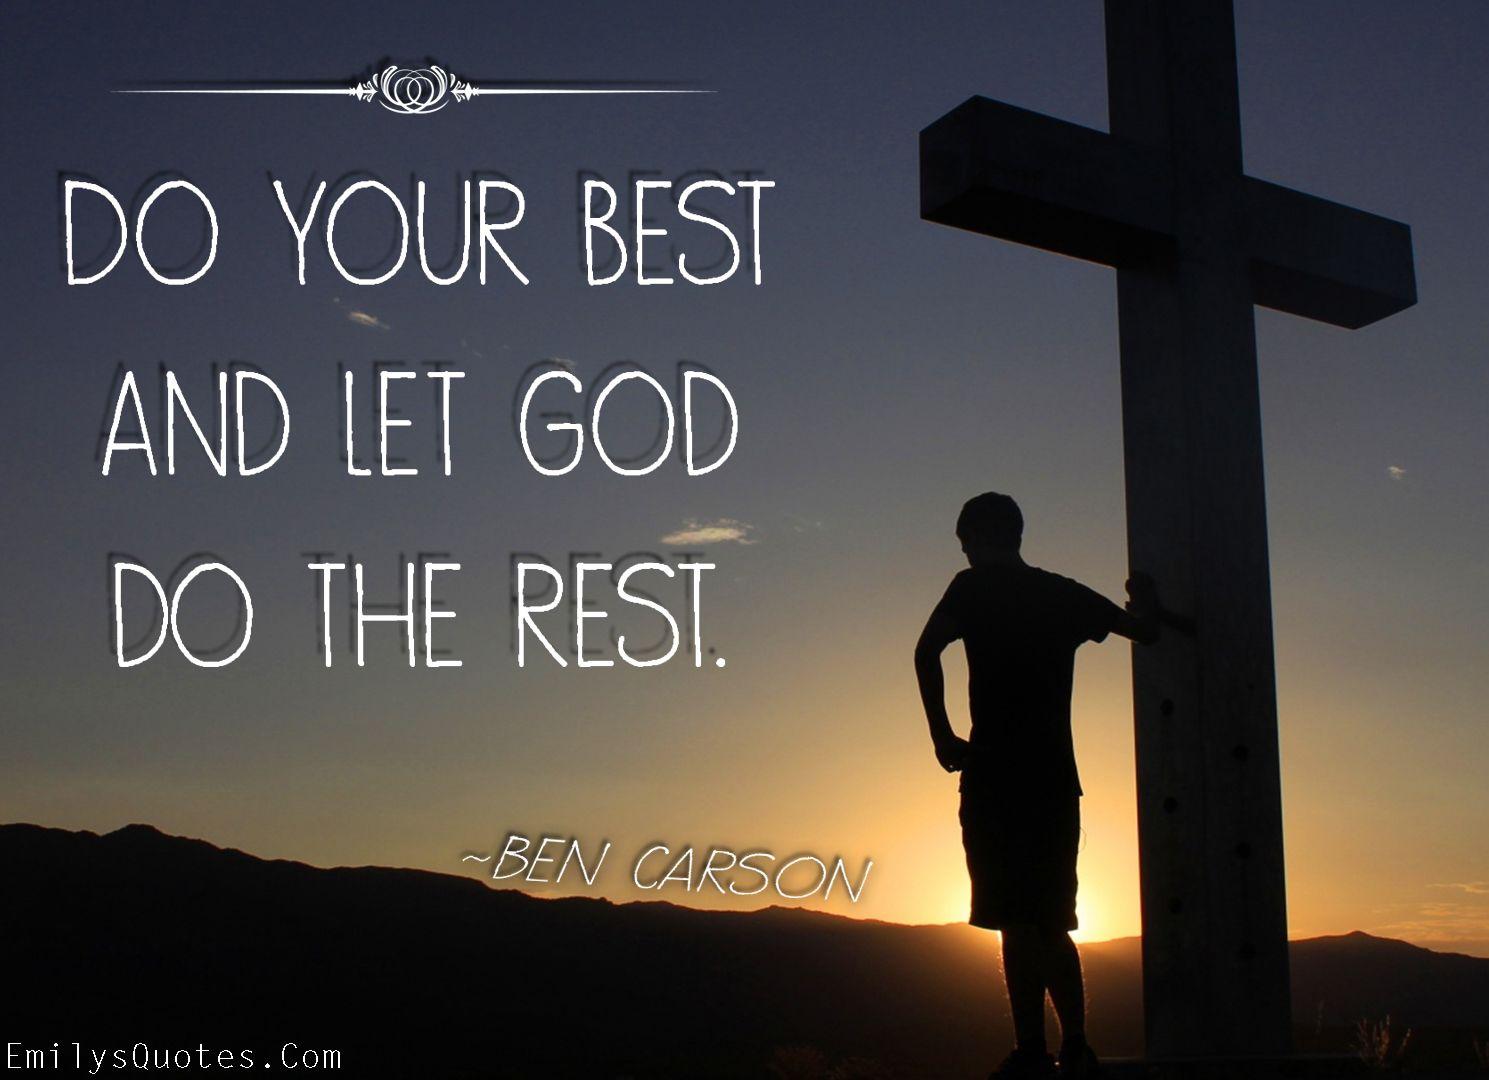 inspirational, positive, faith, great